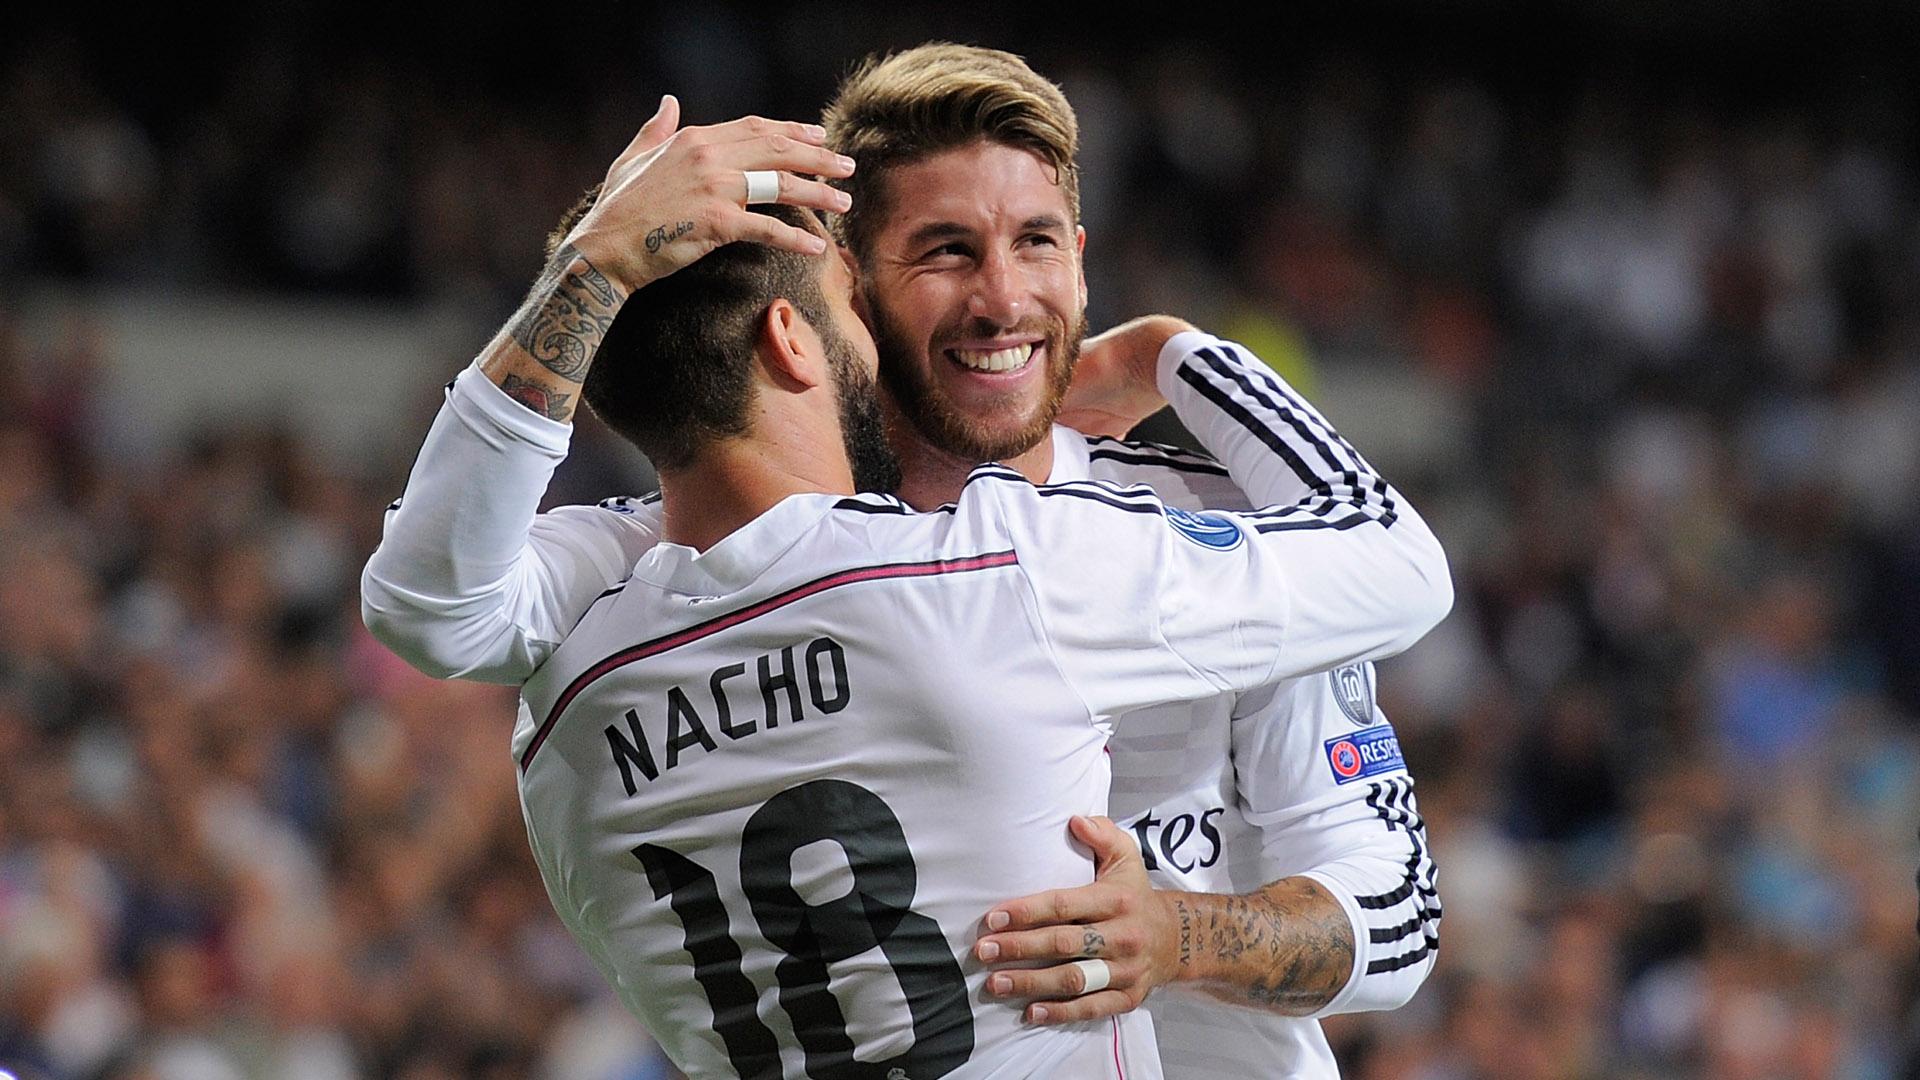 'Hắt hủi' Nacho, Mourinho suýt khiến Real Madrid phải ôm hận - Bóng Đá